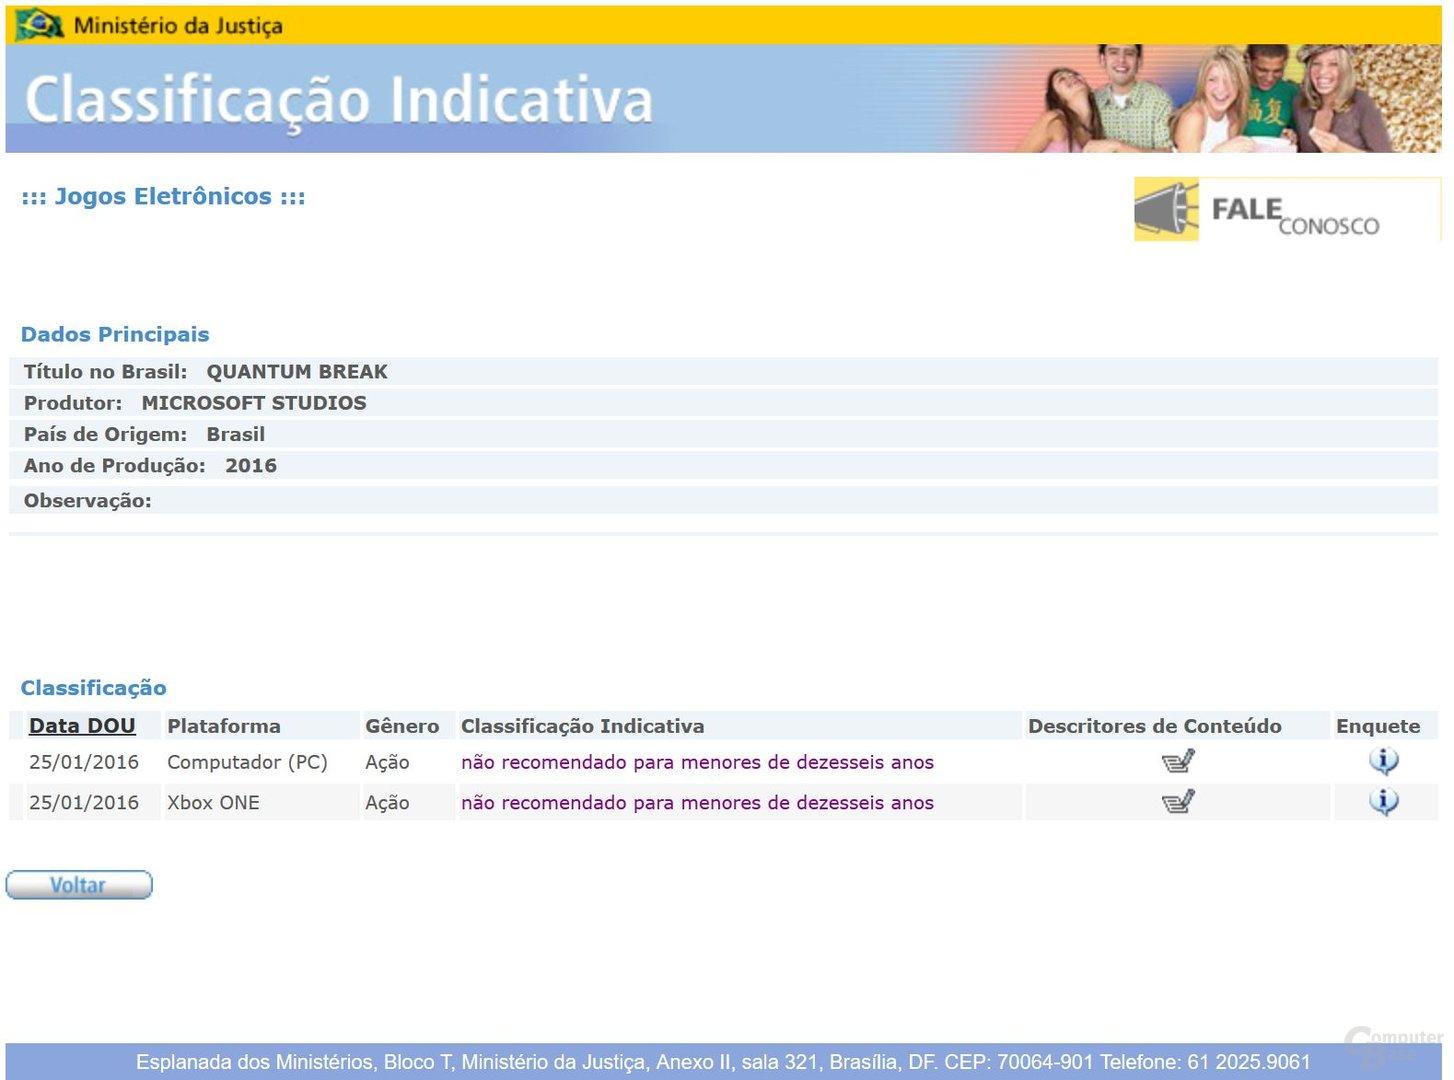 Kurzzeitig hat eine brasilianische Behörde Quantum Break zweimal aufgeführt